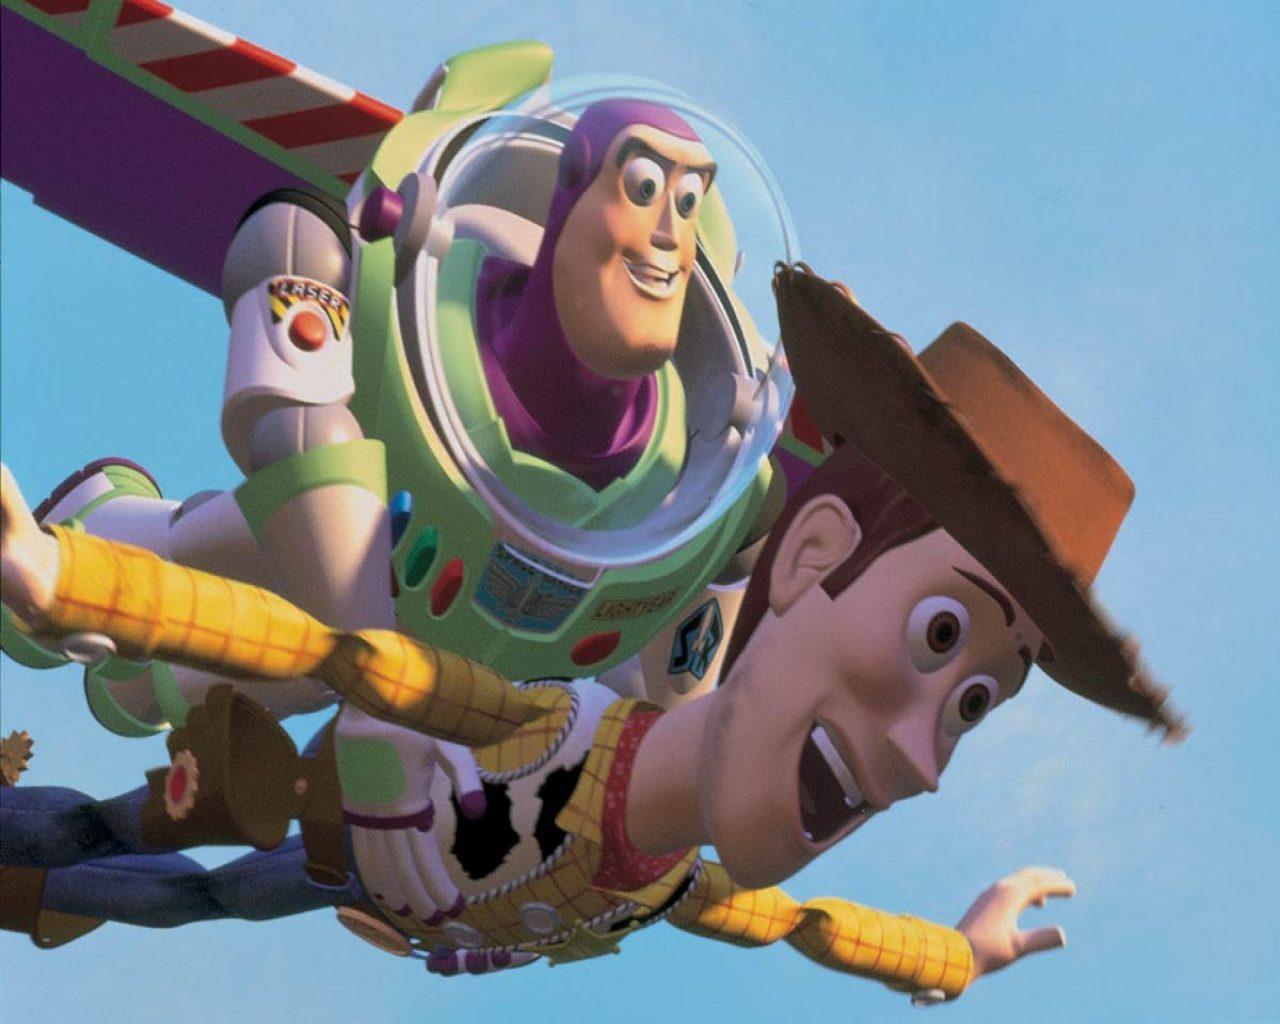 Buzz Lightyear Sheriff Woody Jessie Toy Story Wallpaper Nude and Porn 1280x1024